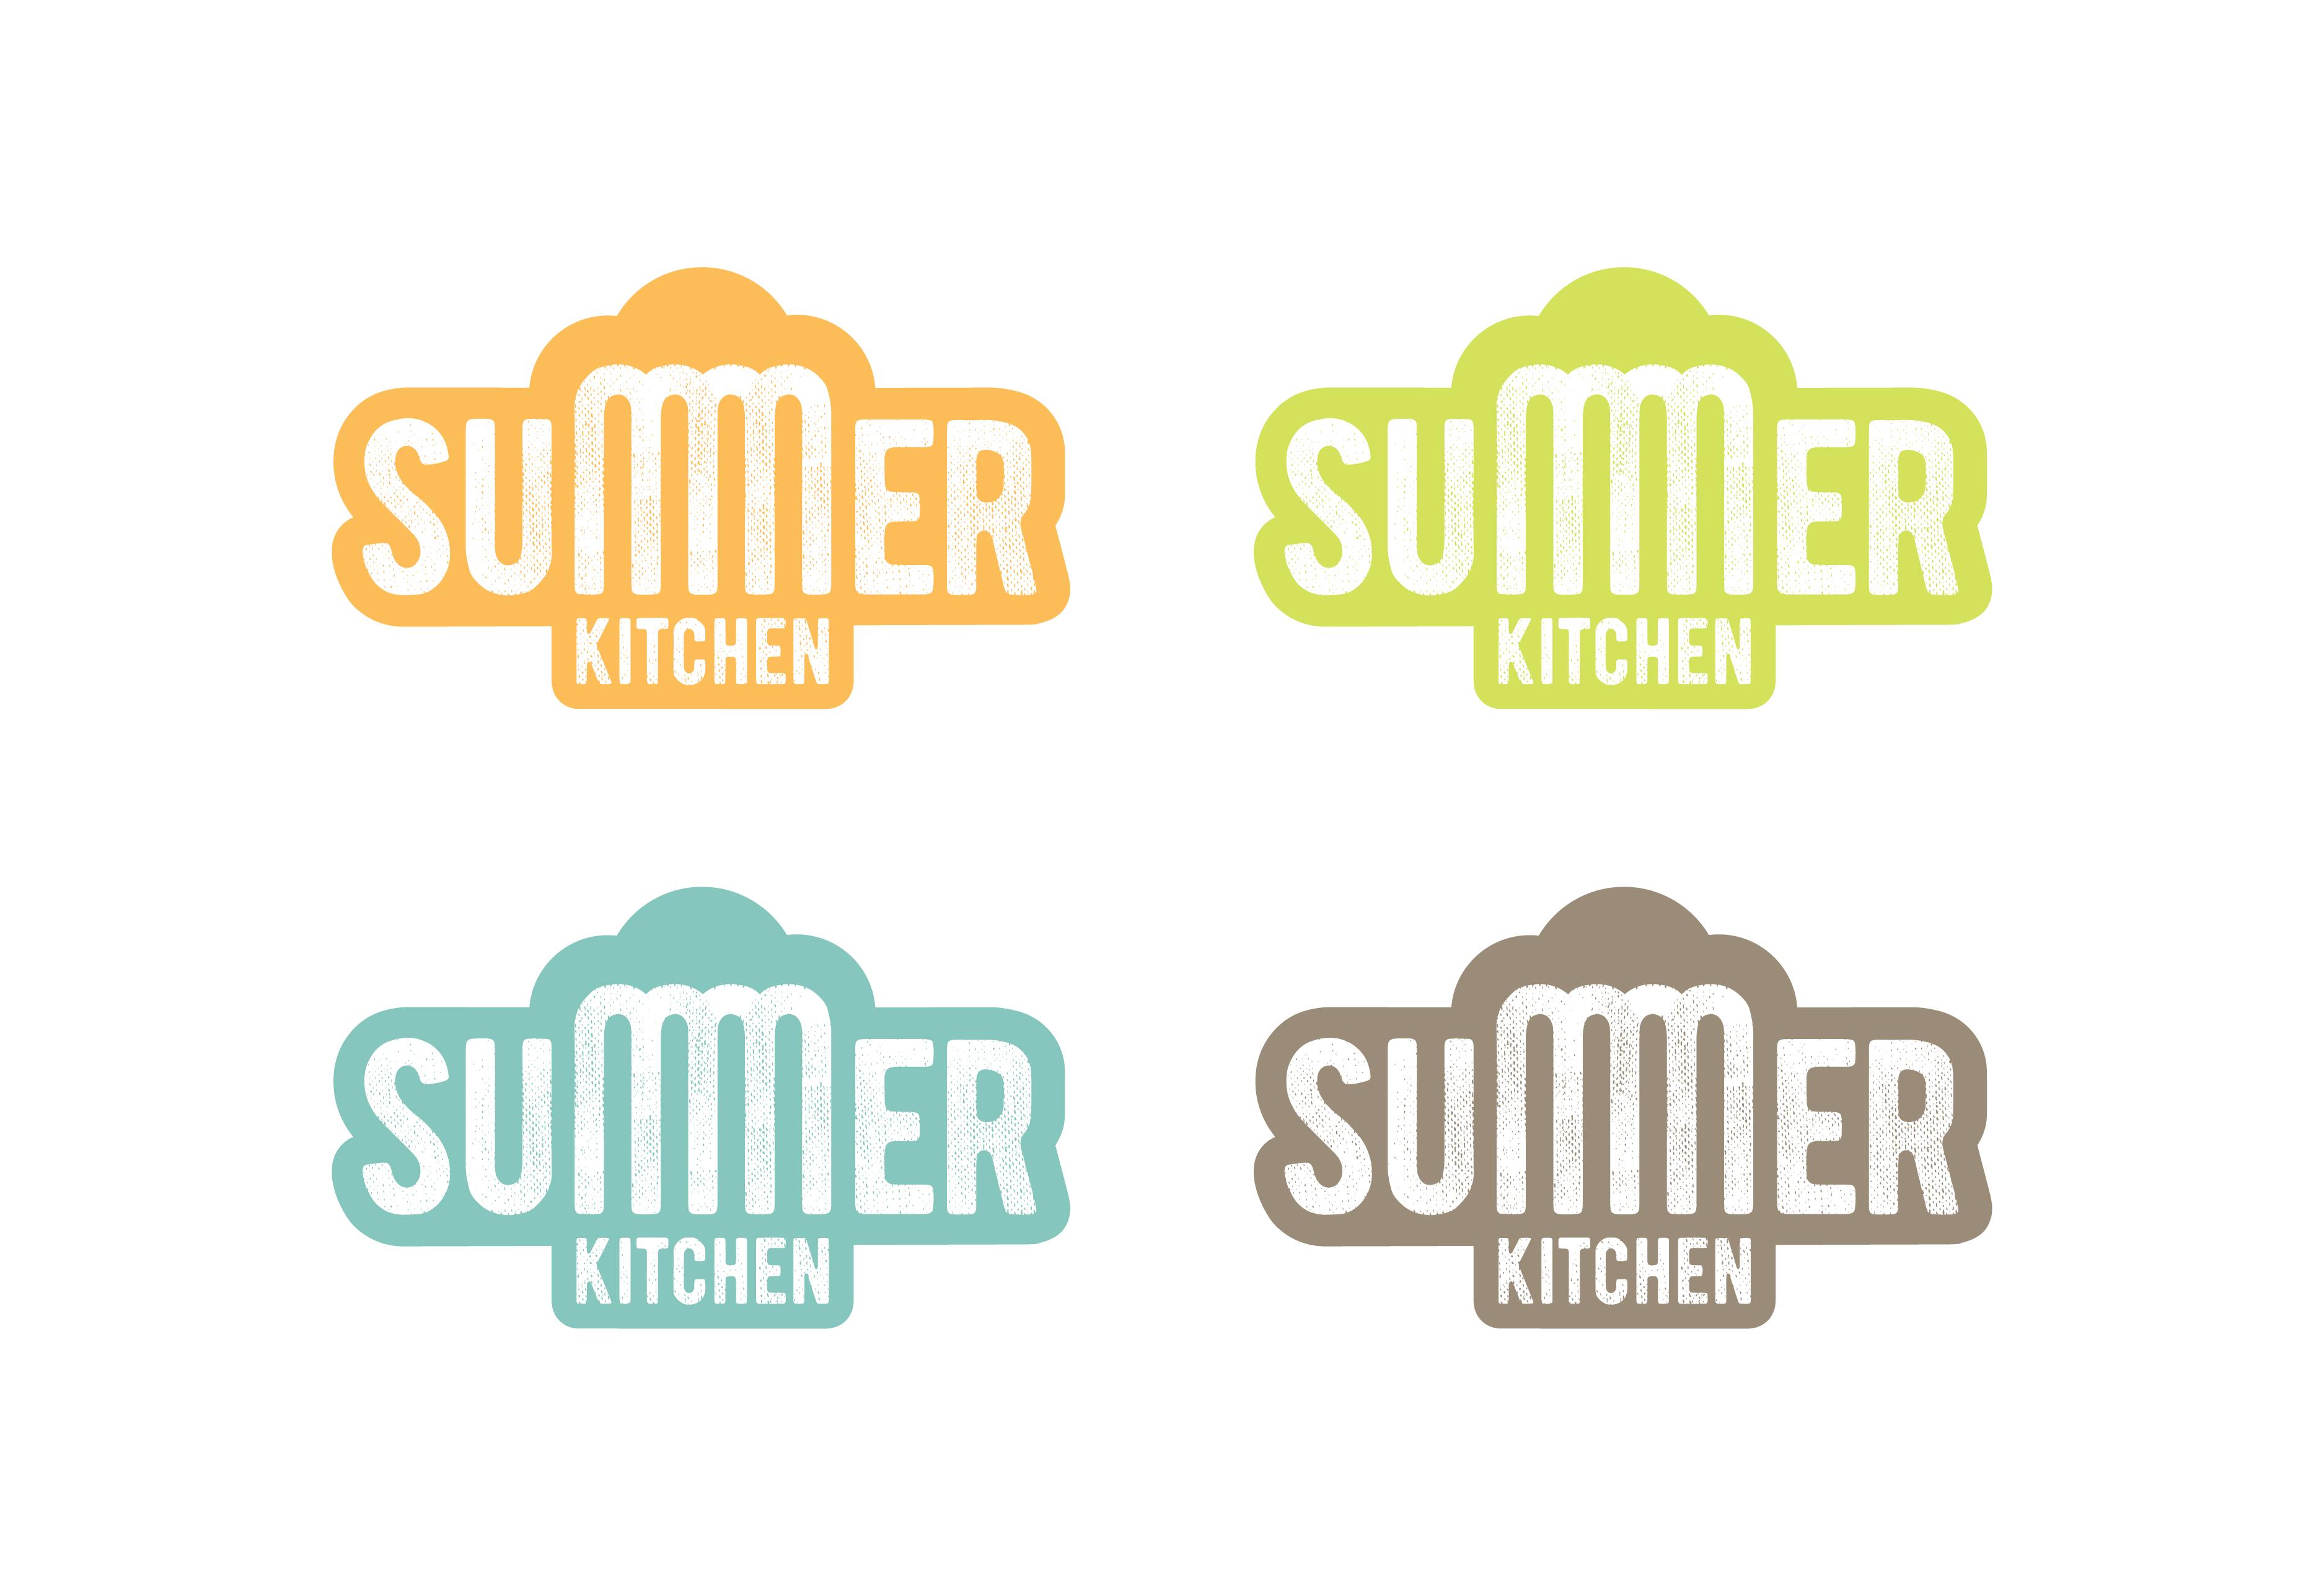 Мы решили не ограничиваться одним цветом, а сделать этот летний логотип в разных цветах лета